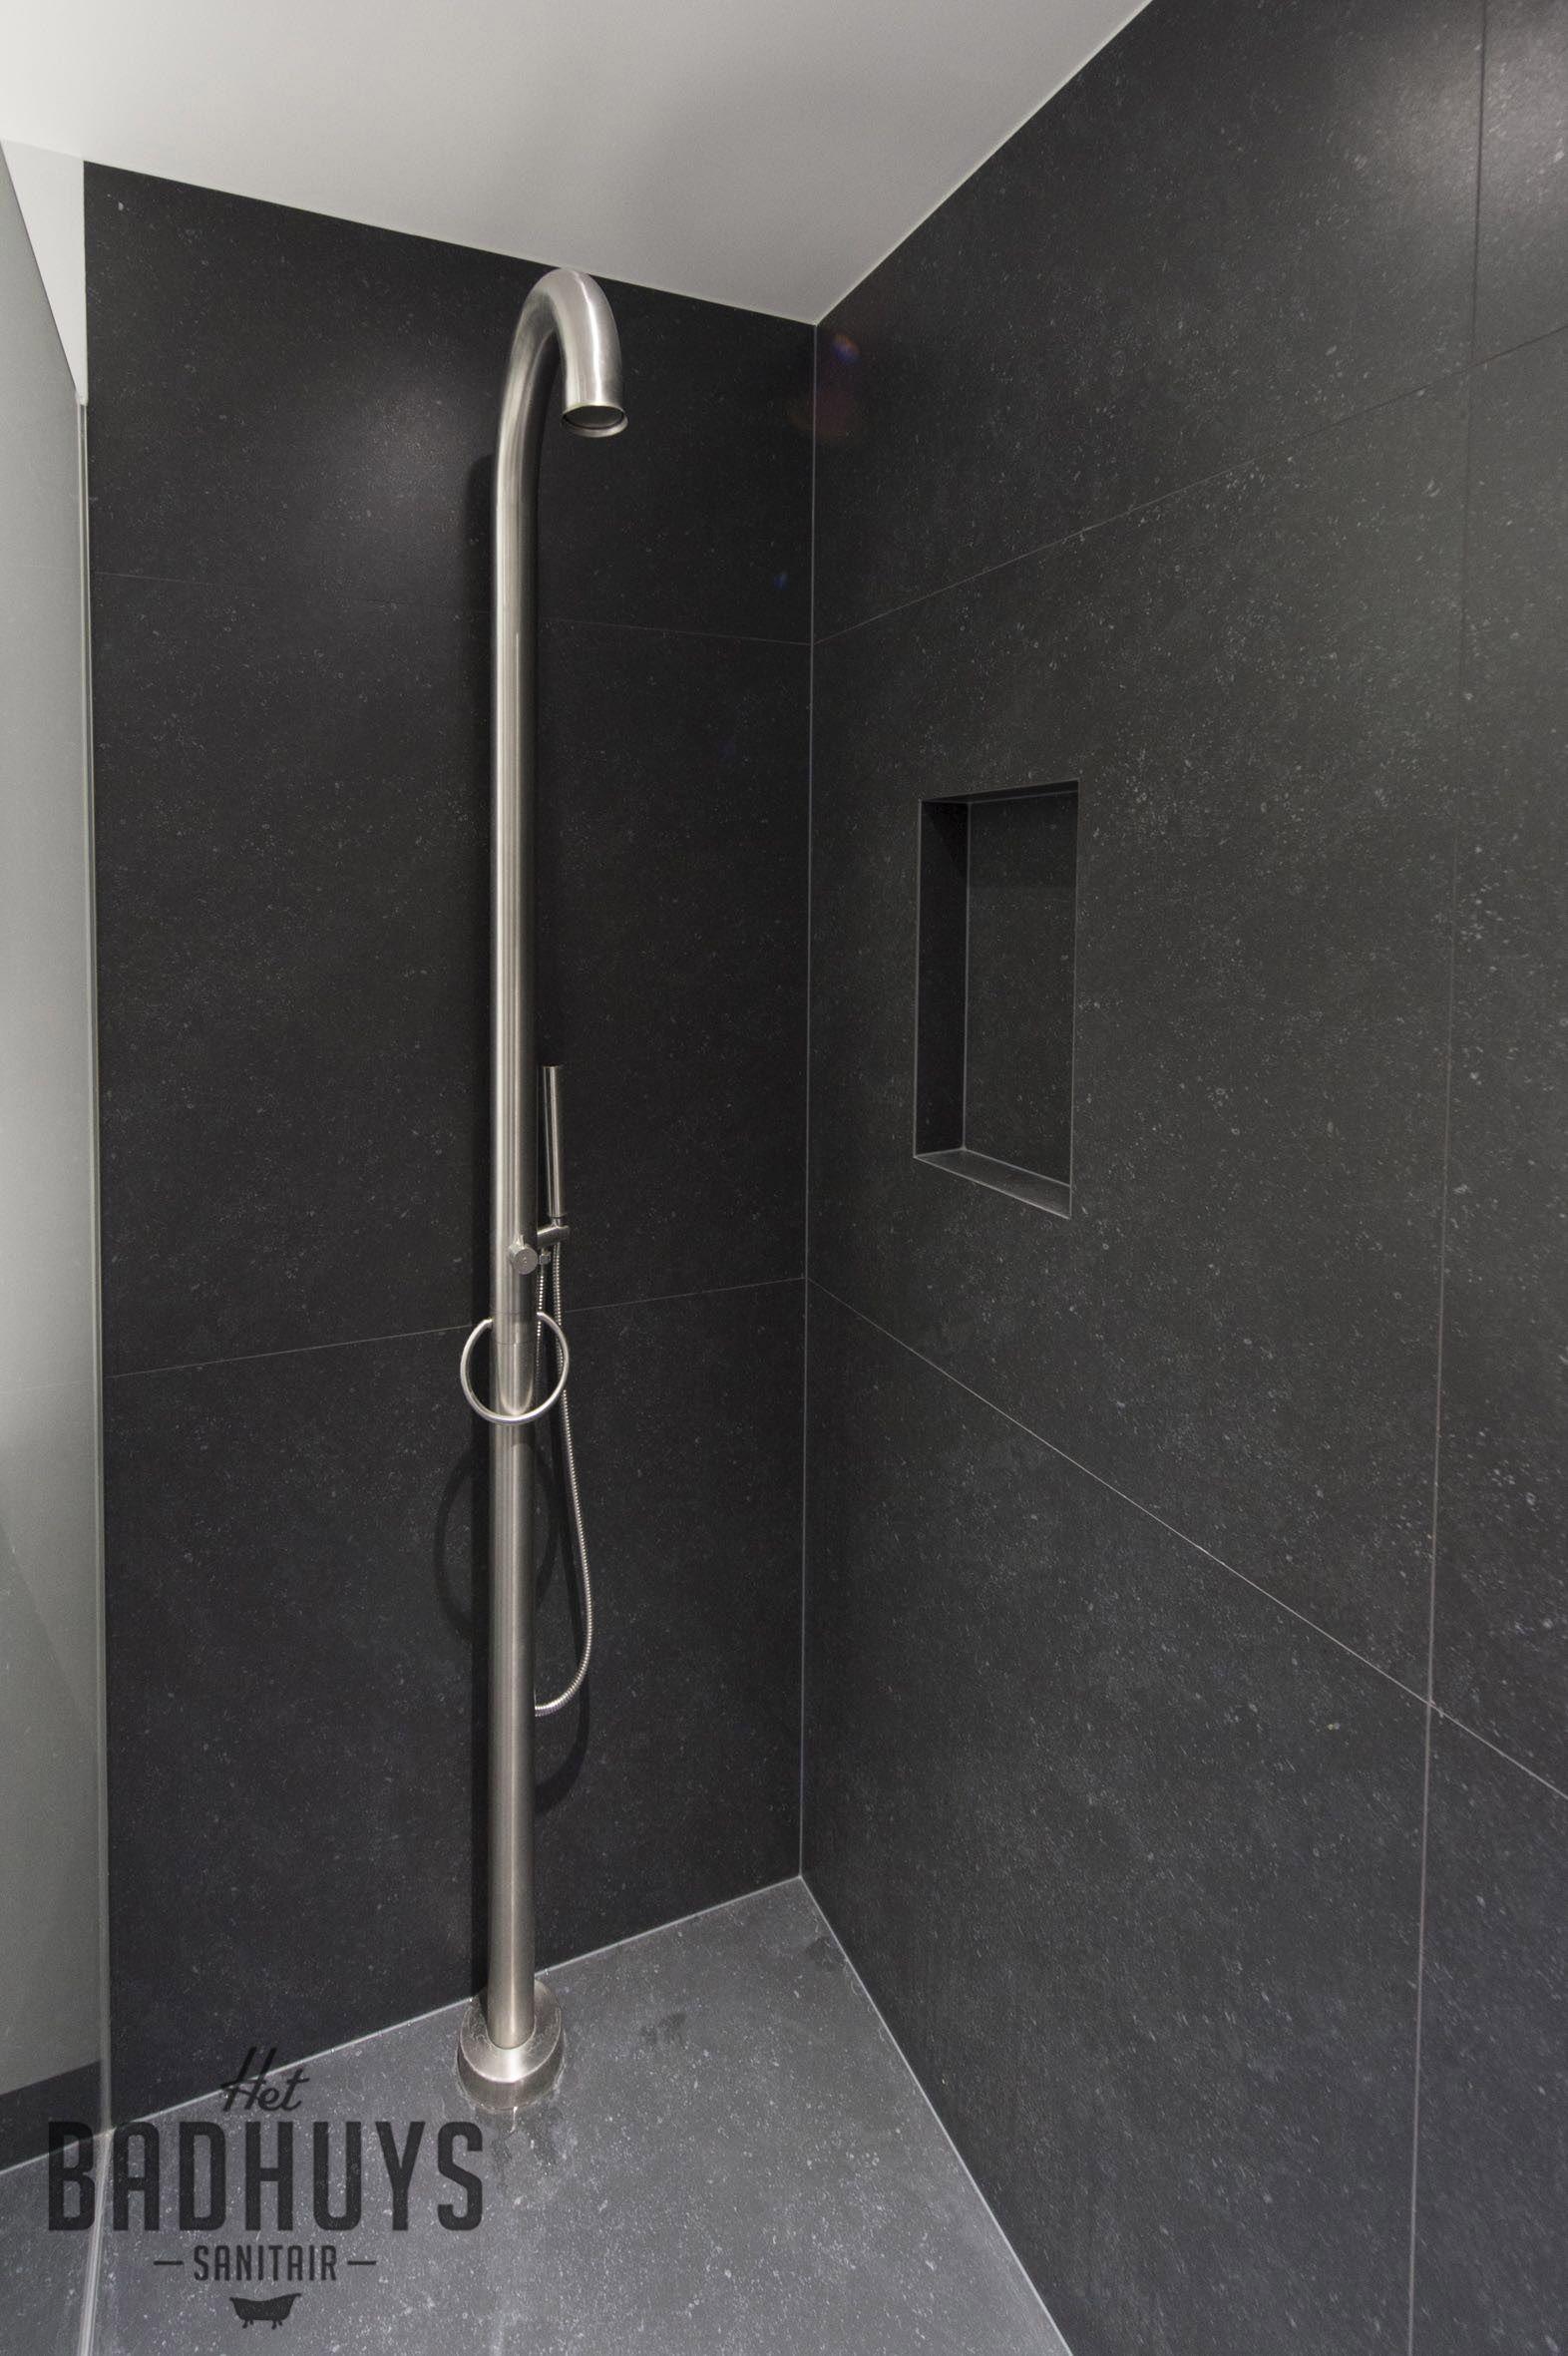 minimalistische badkamer binatie zwart en wit het badhuys